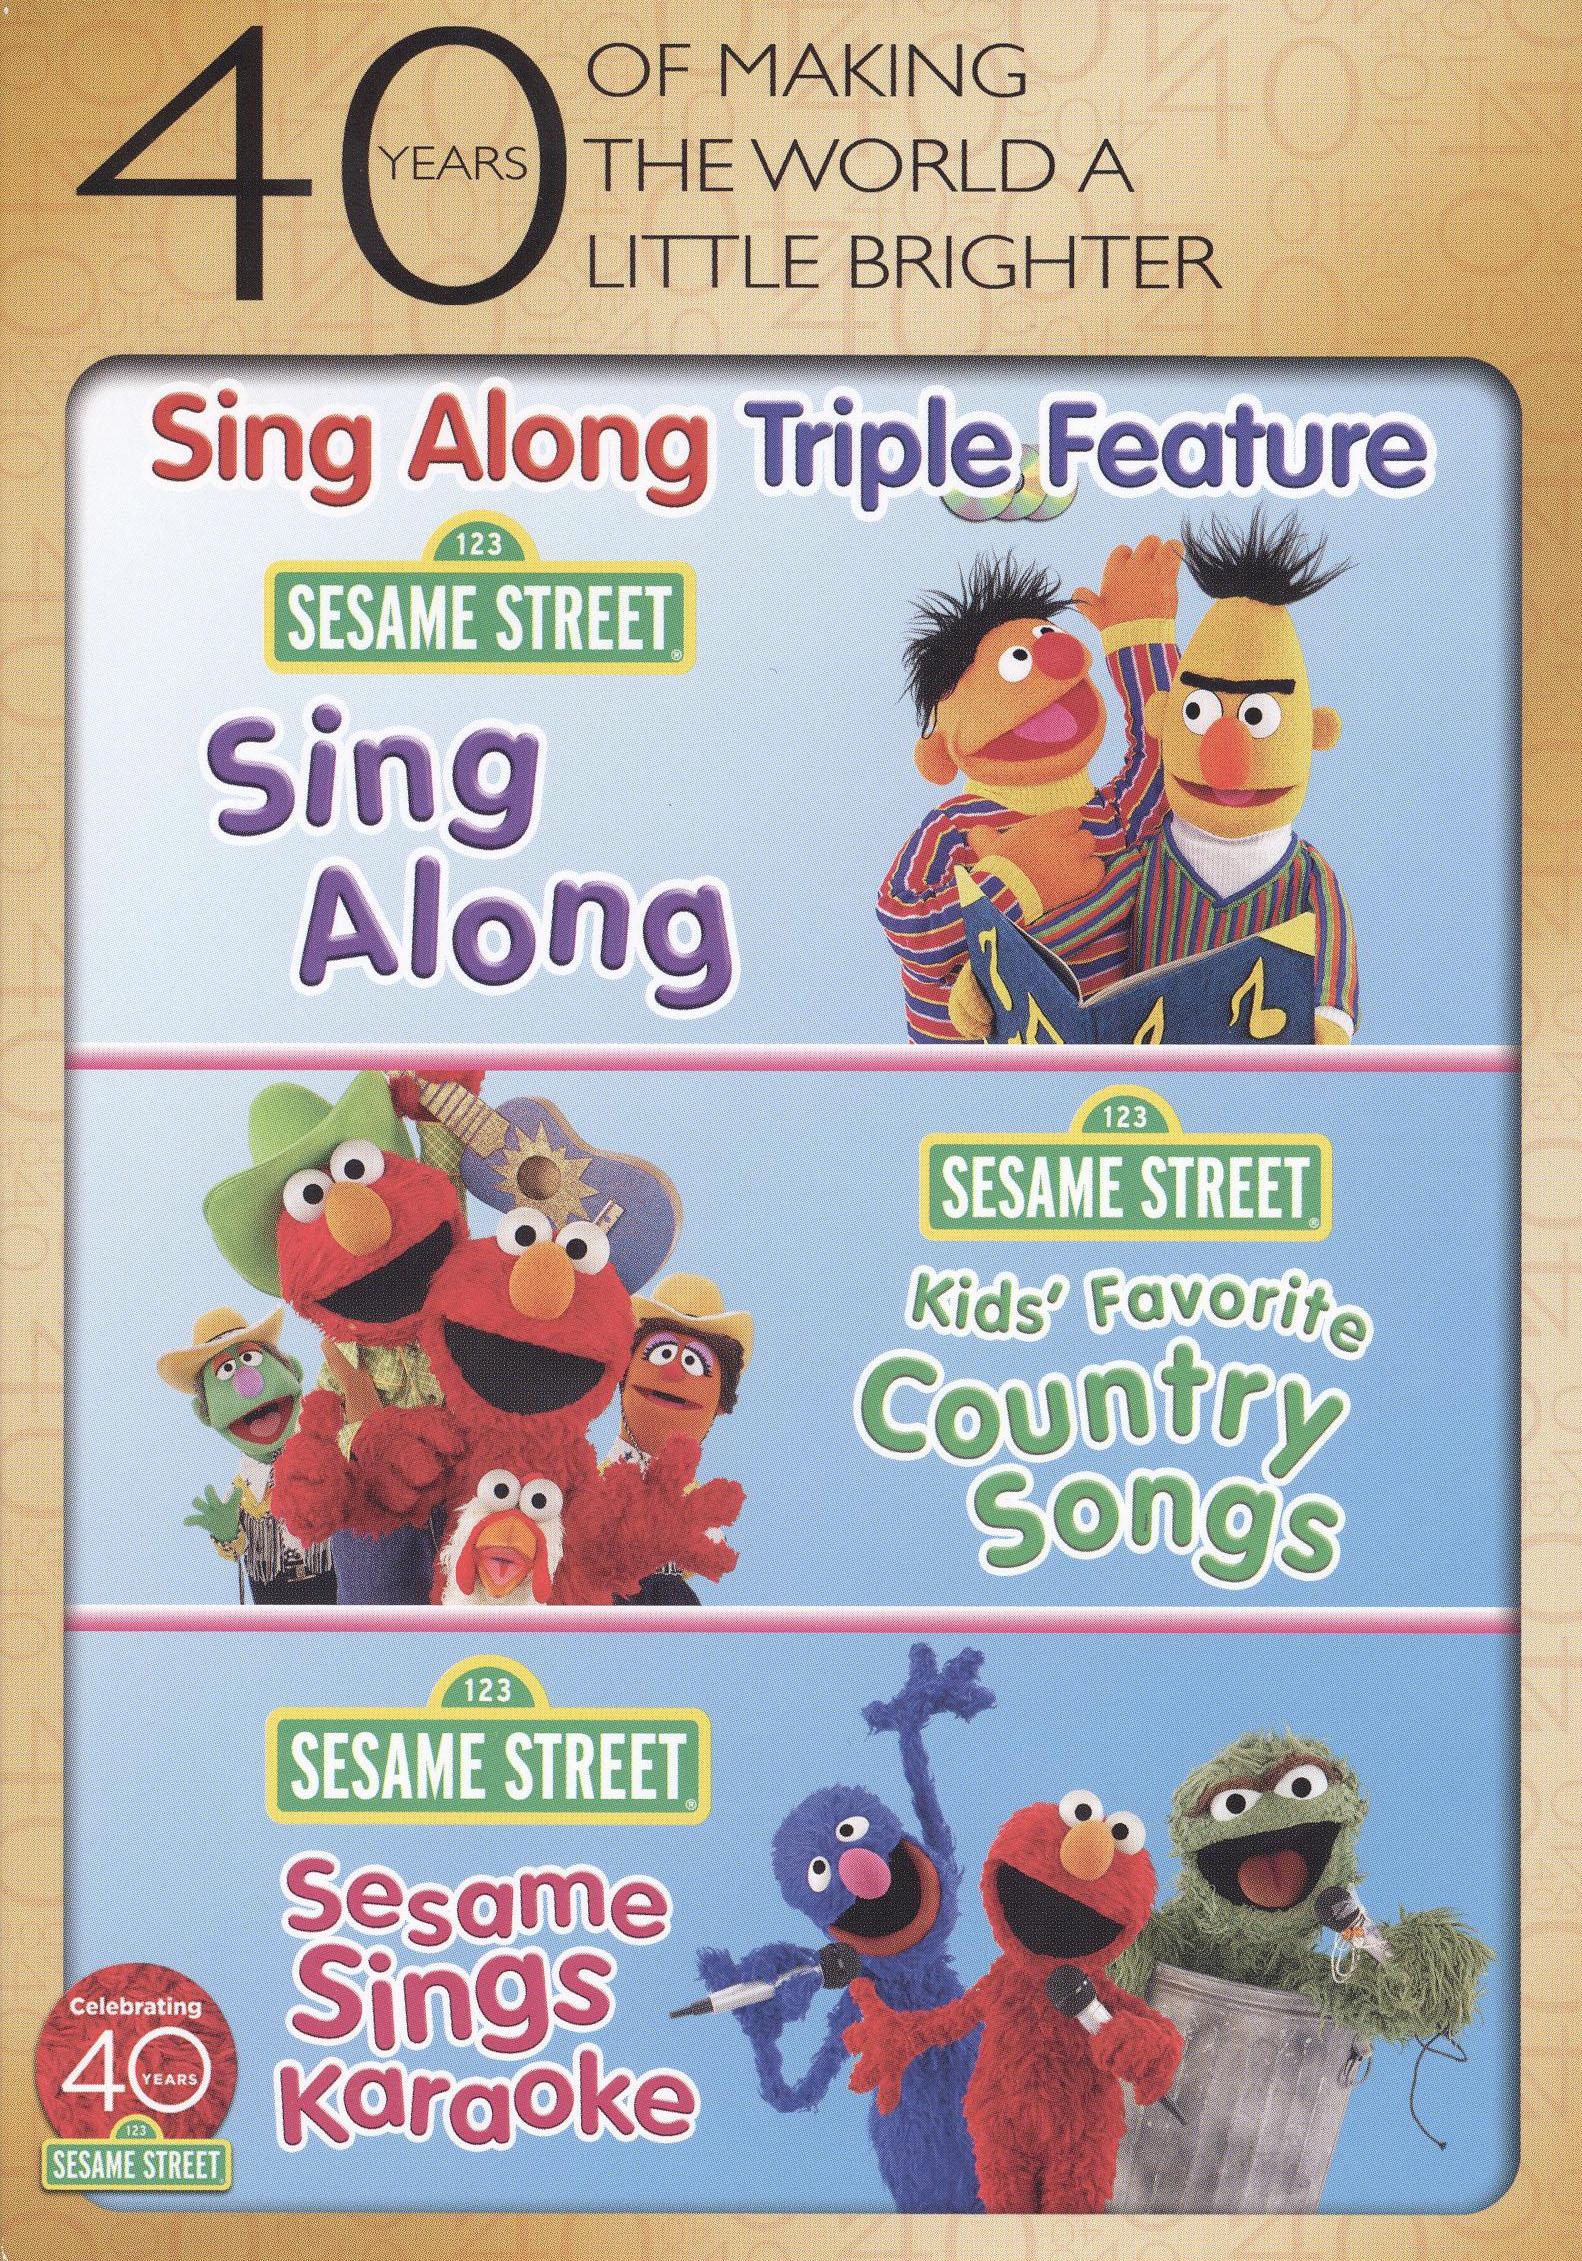 Sesame Street: Sing Along/kids' Favorite Country Songs/sesame Sings Karaoke [3 Discs] (dvd)